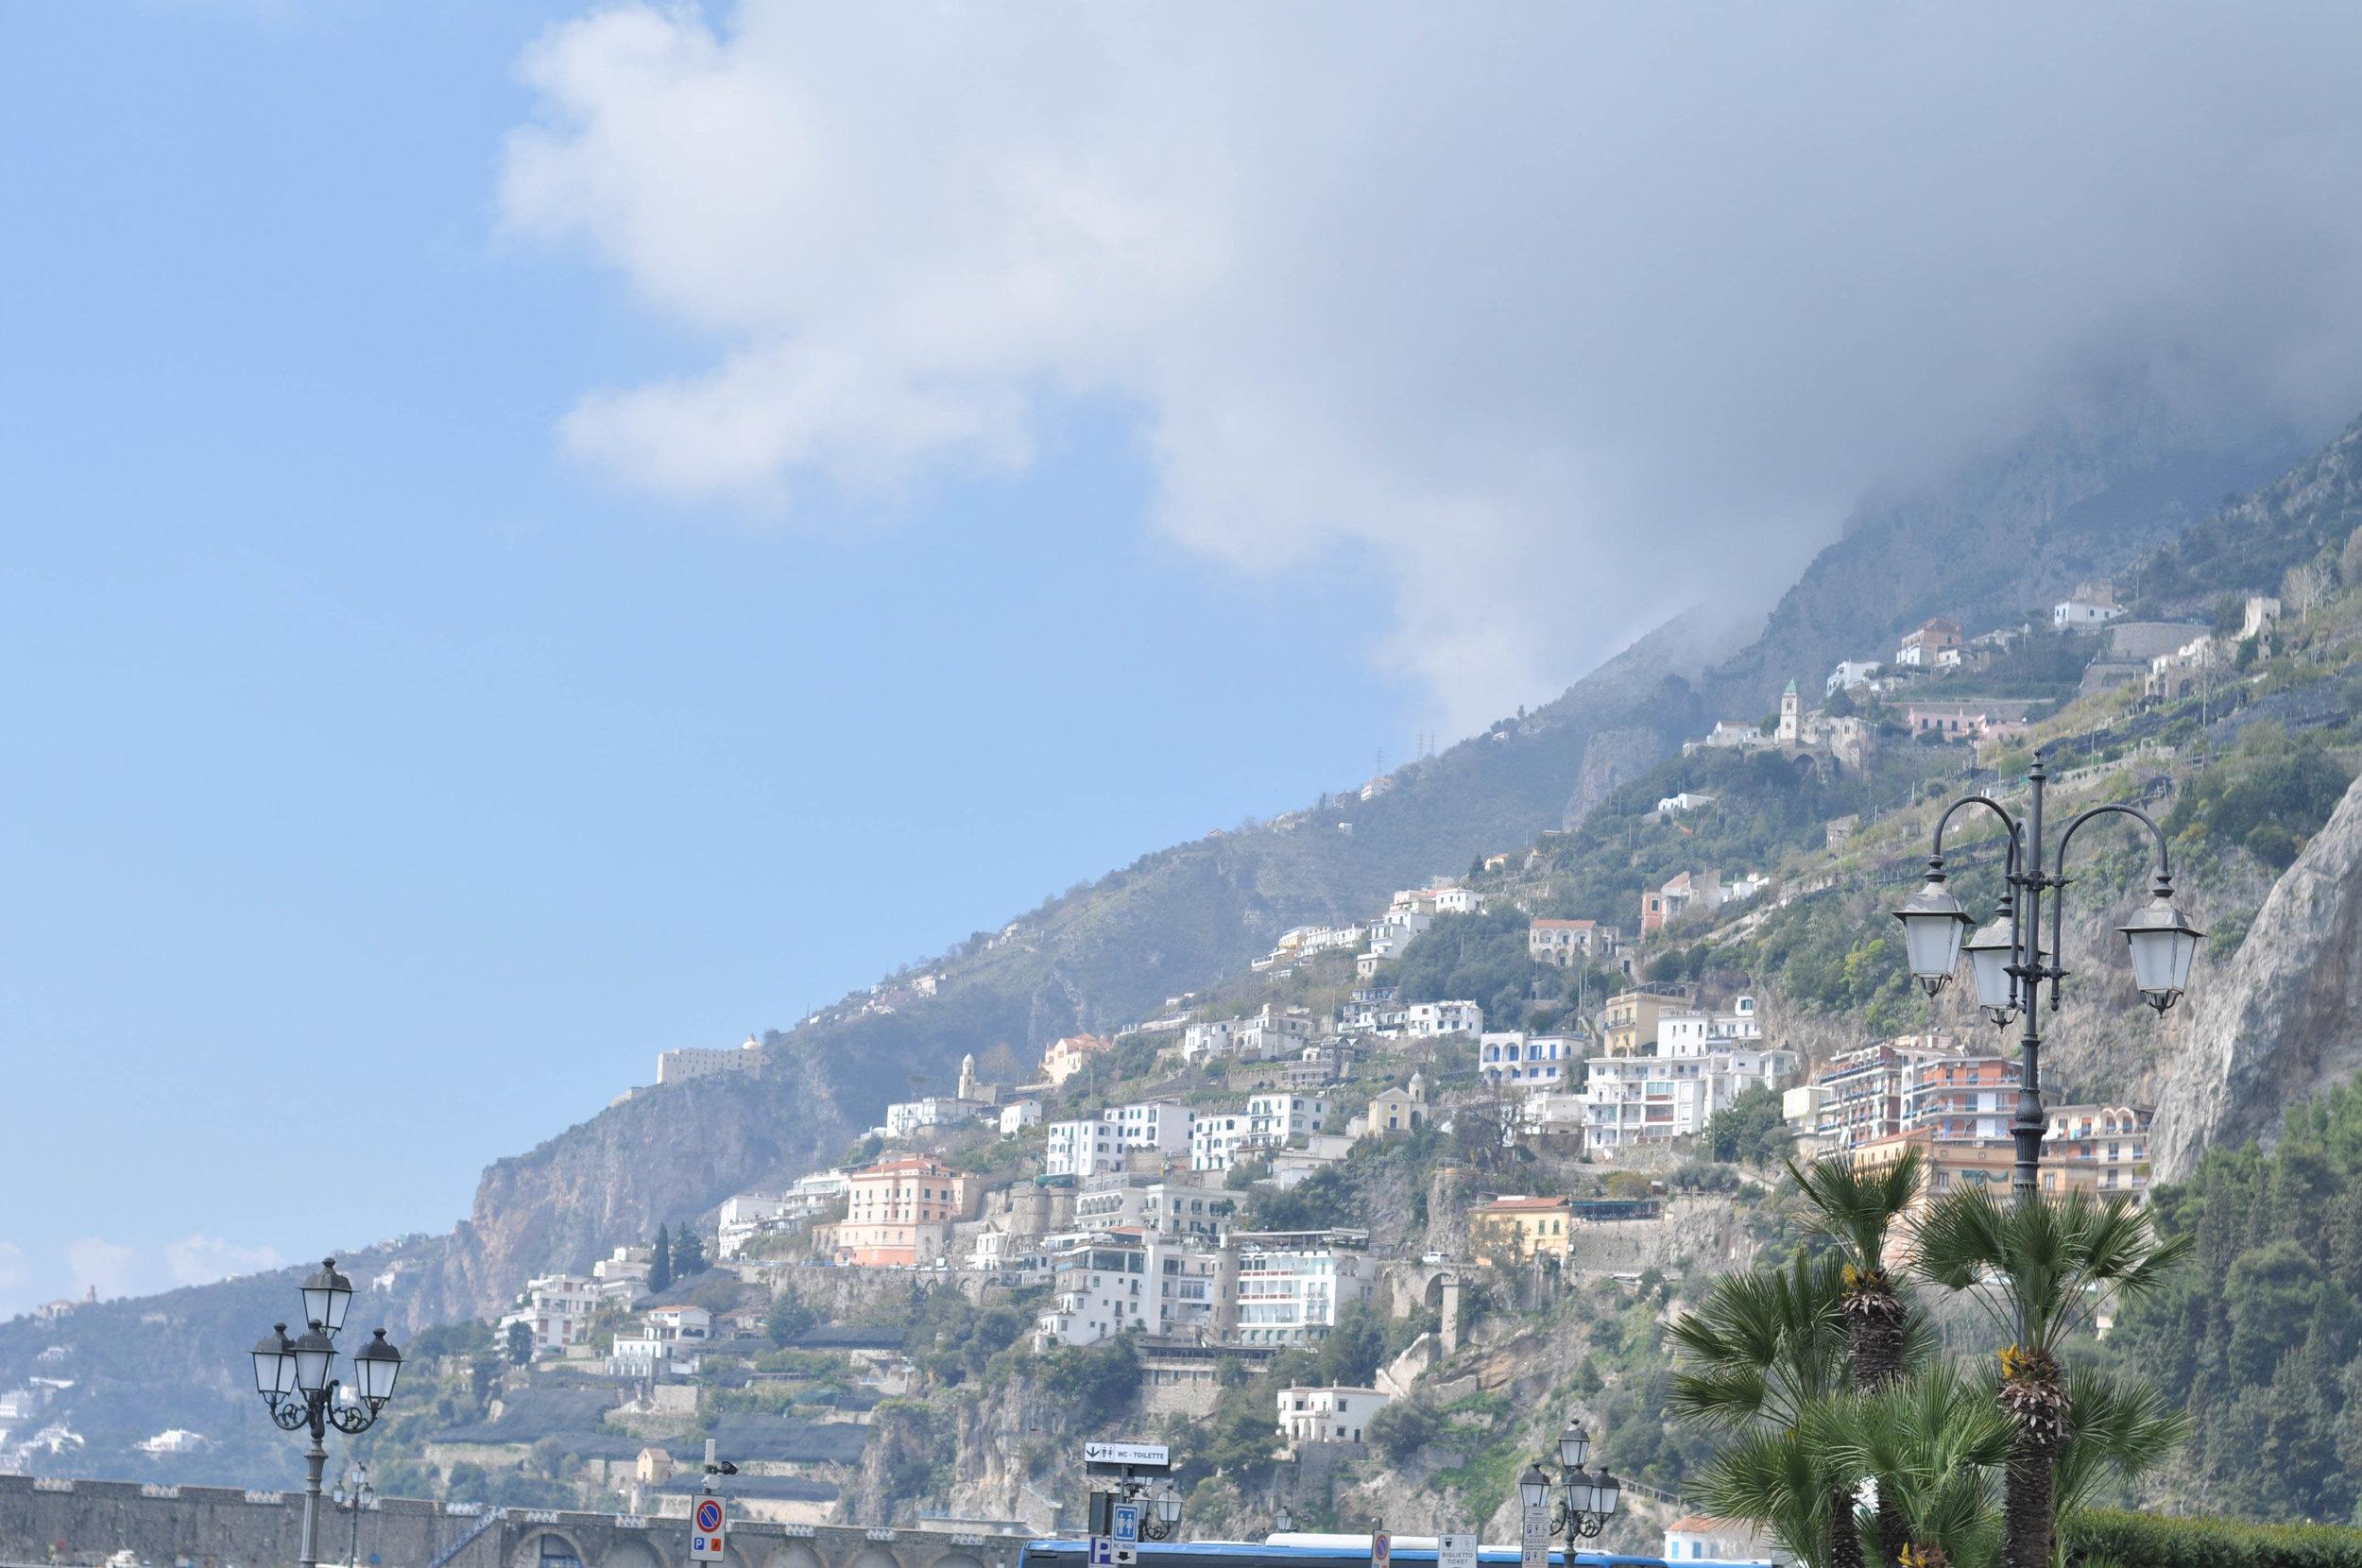 AmalfiCapriPompeii-70.jpg